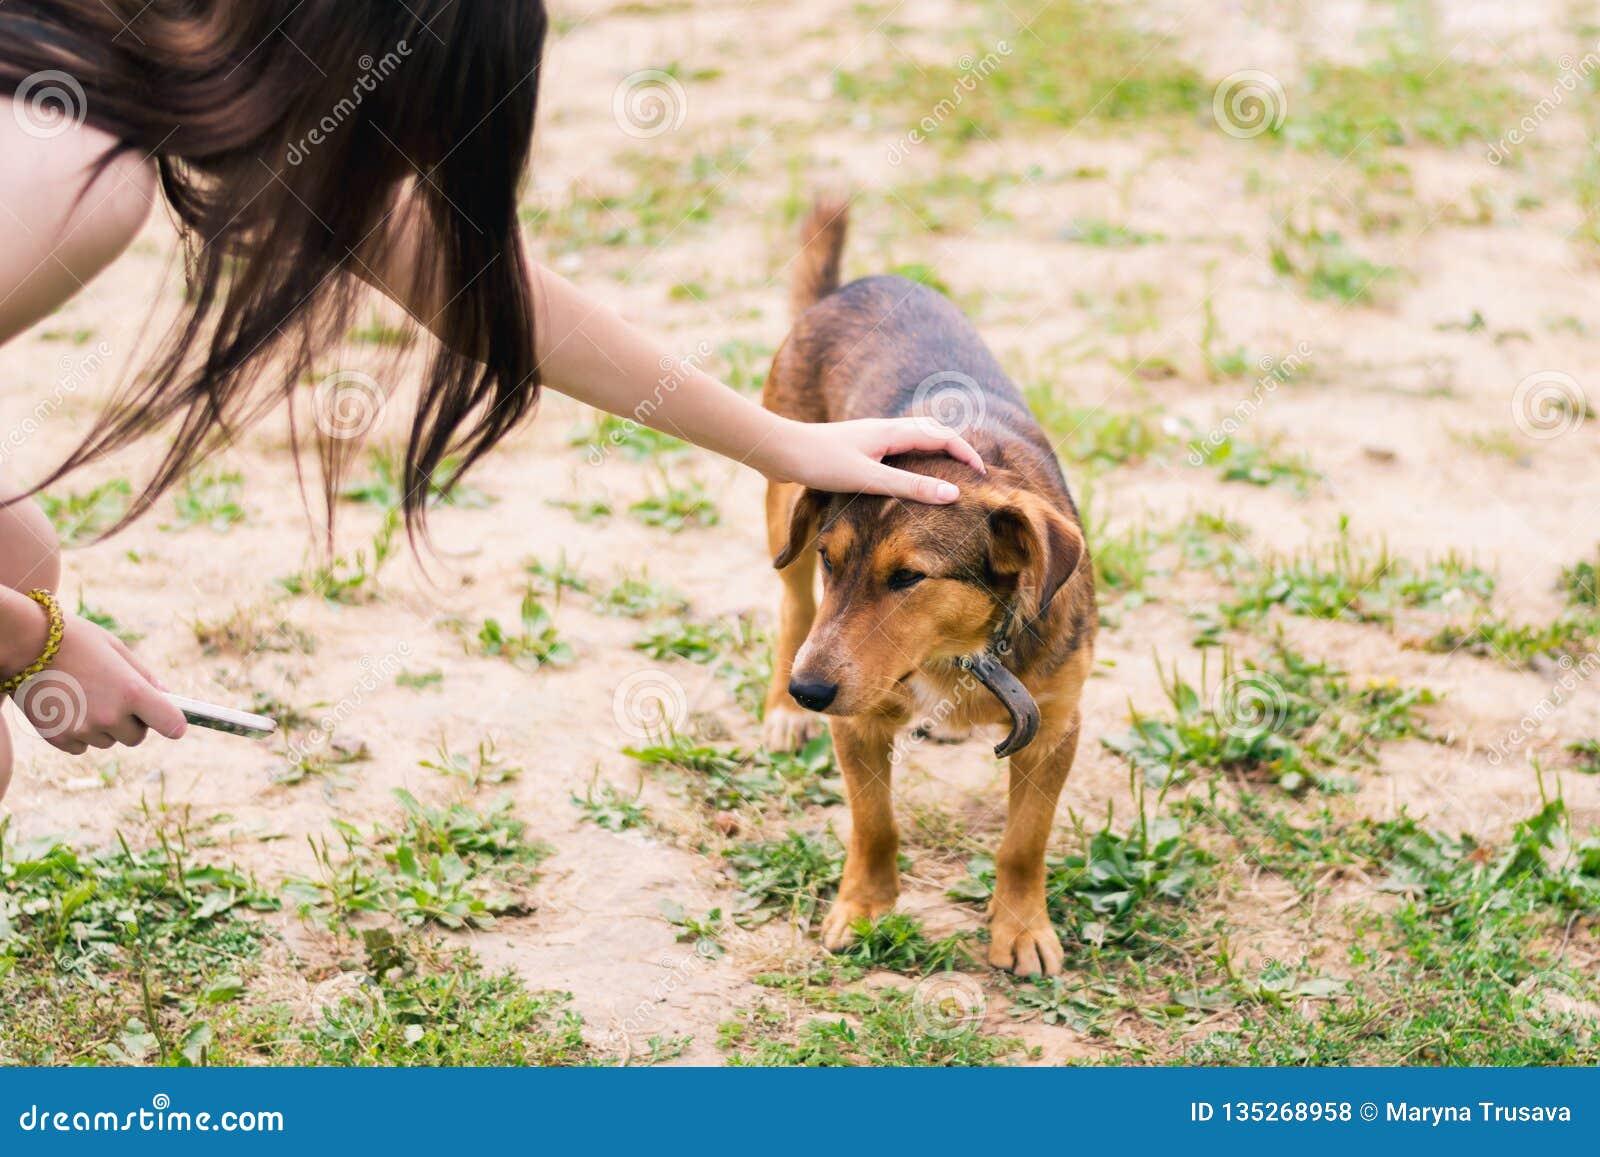 Το κορίτσι κτυπά το κεφάλι του καφετιού ομαλός-μαλλιαρού σκυλιού σε ένα περιλαίμιο